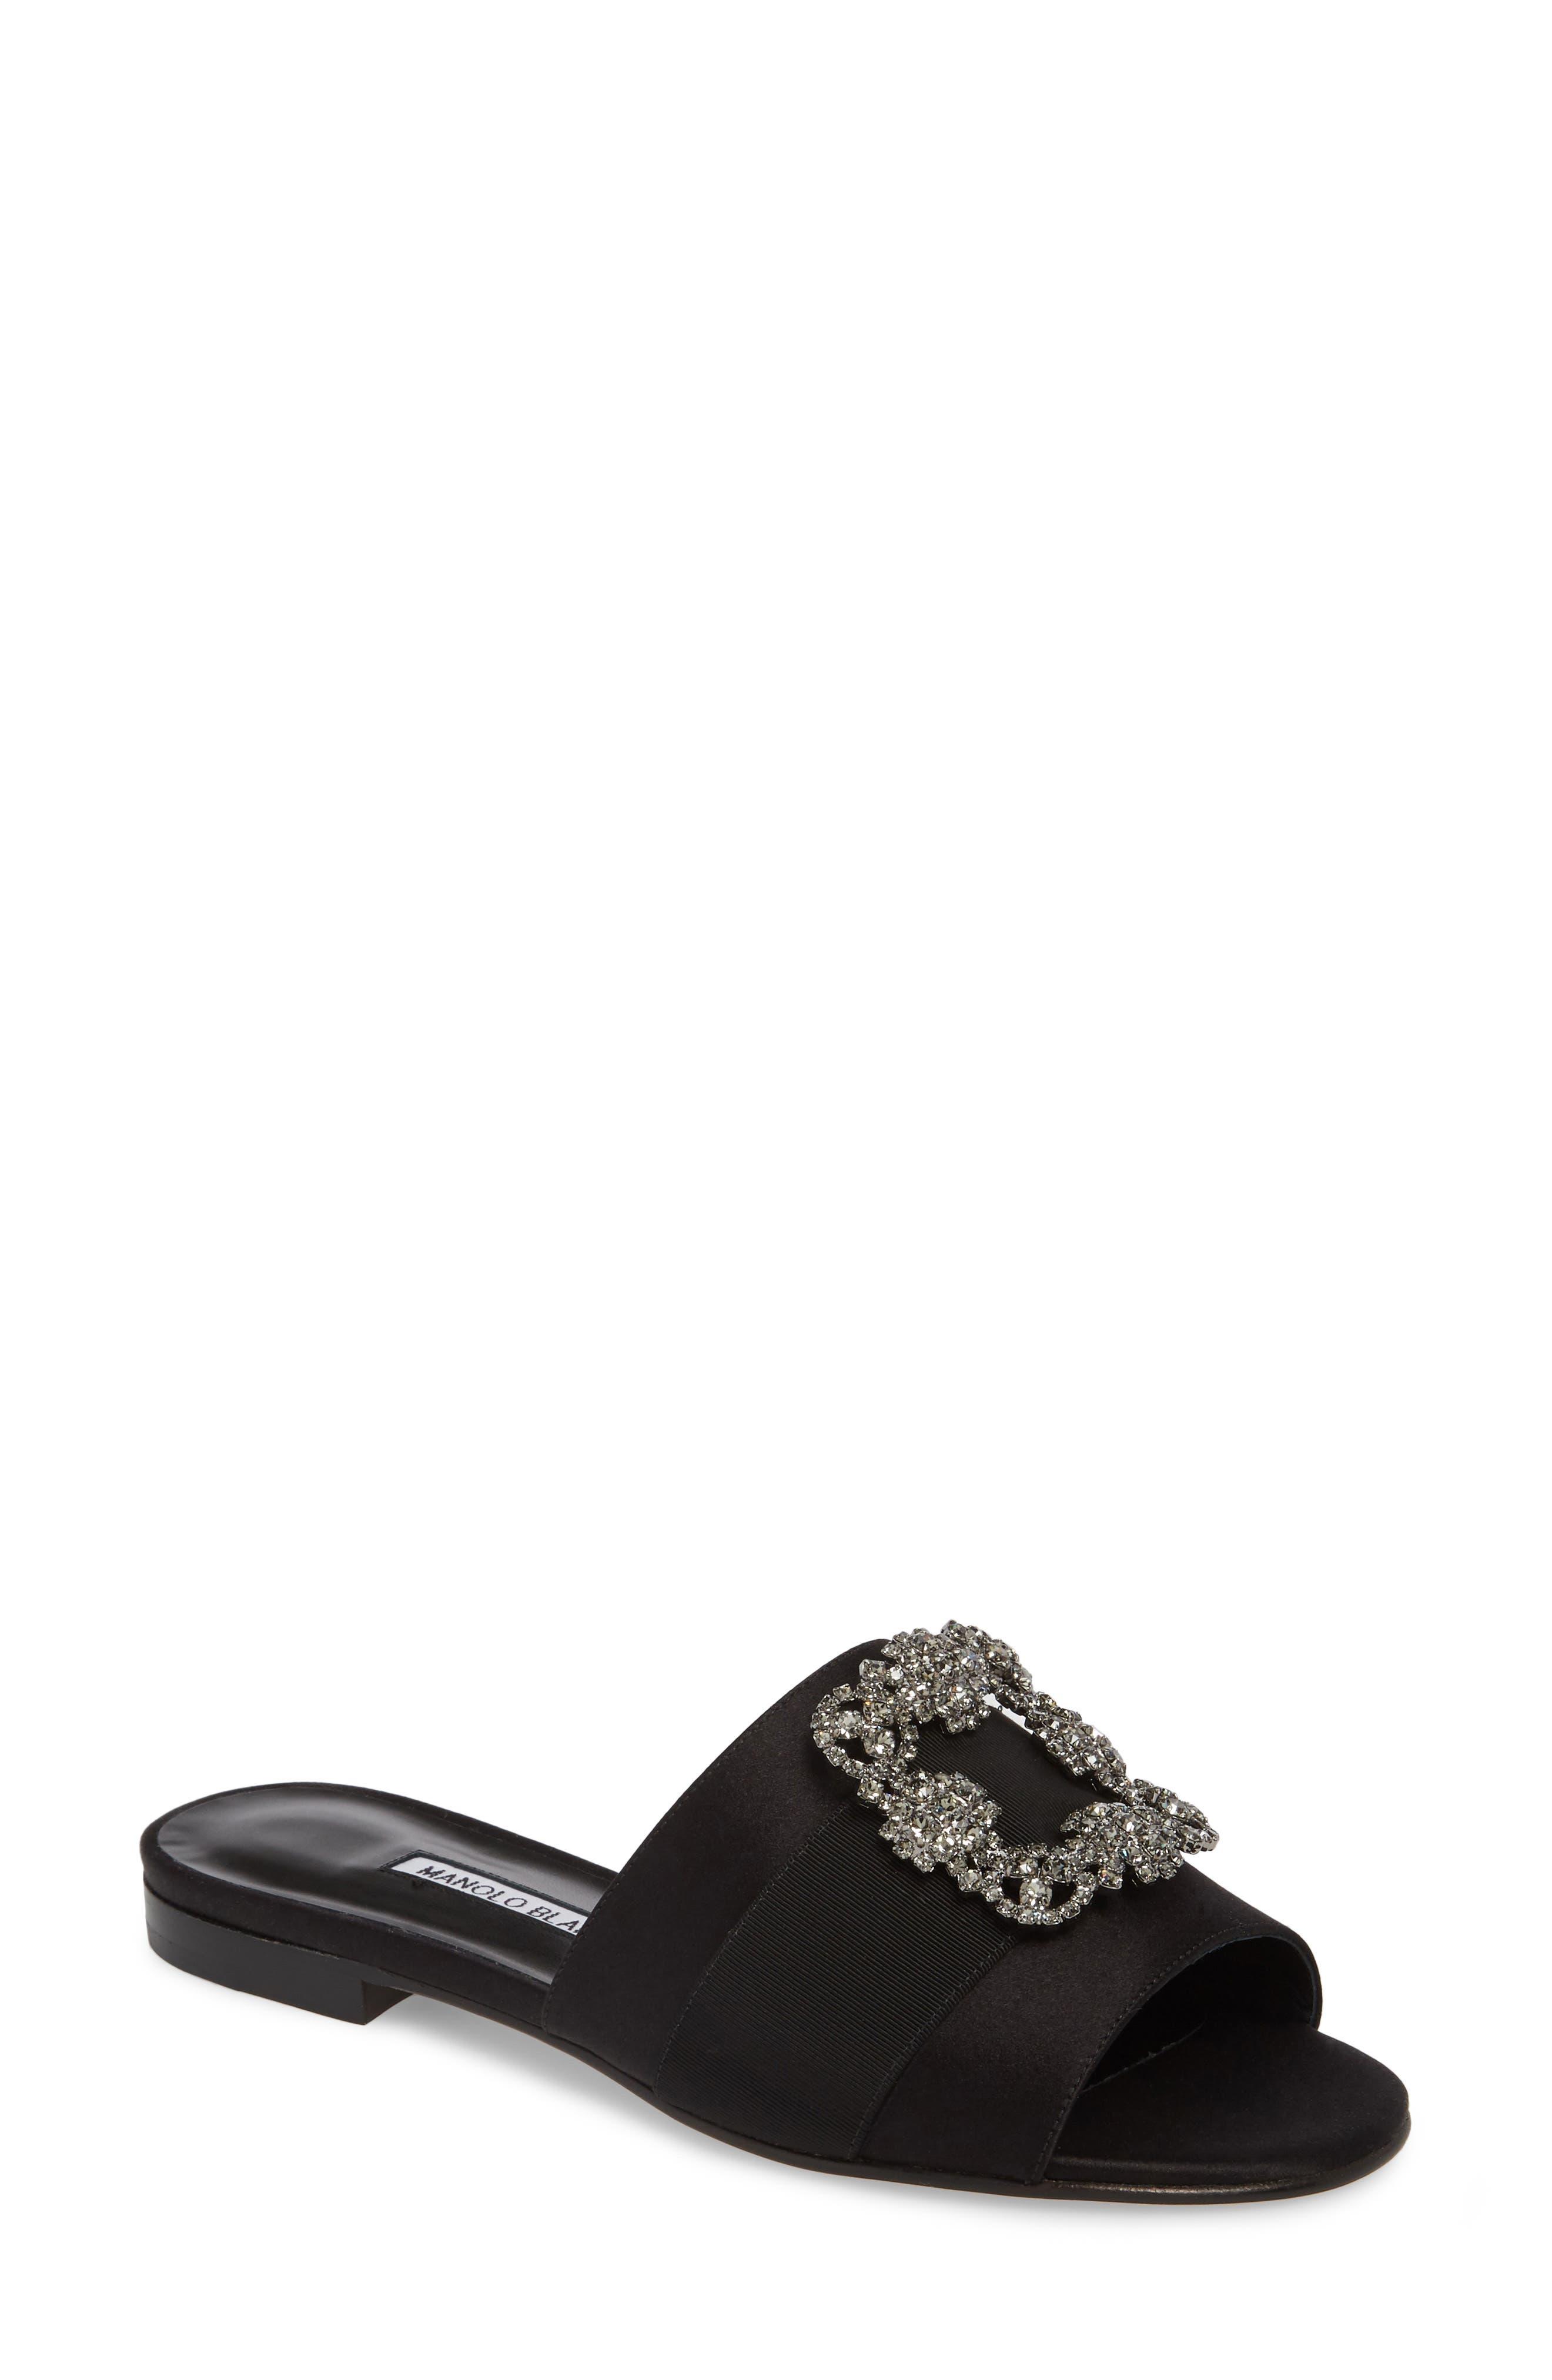 Martamod Crystal Embellished Slide Sandal,                         Main,                         color, Black Satin